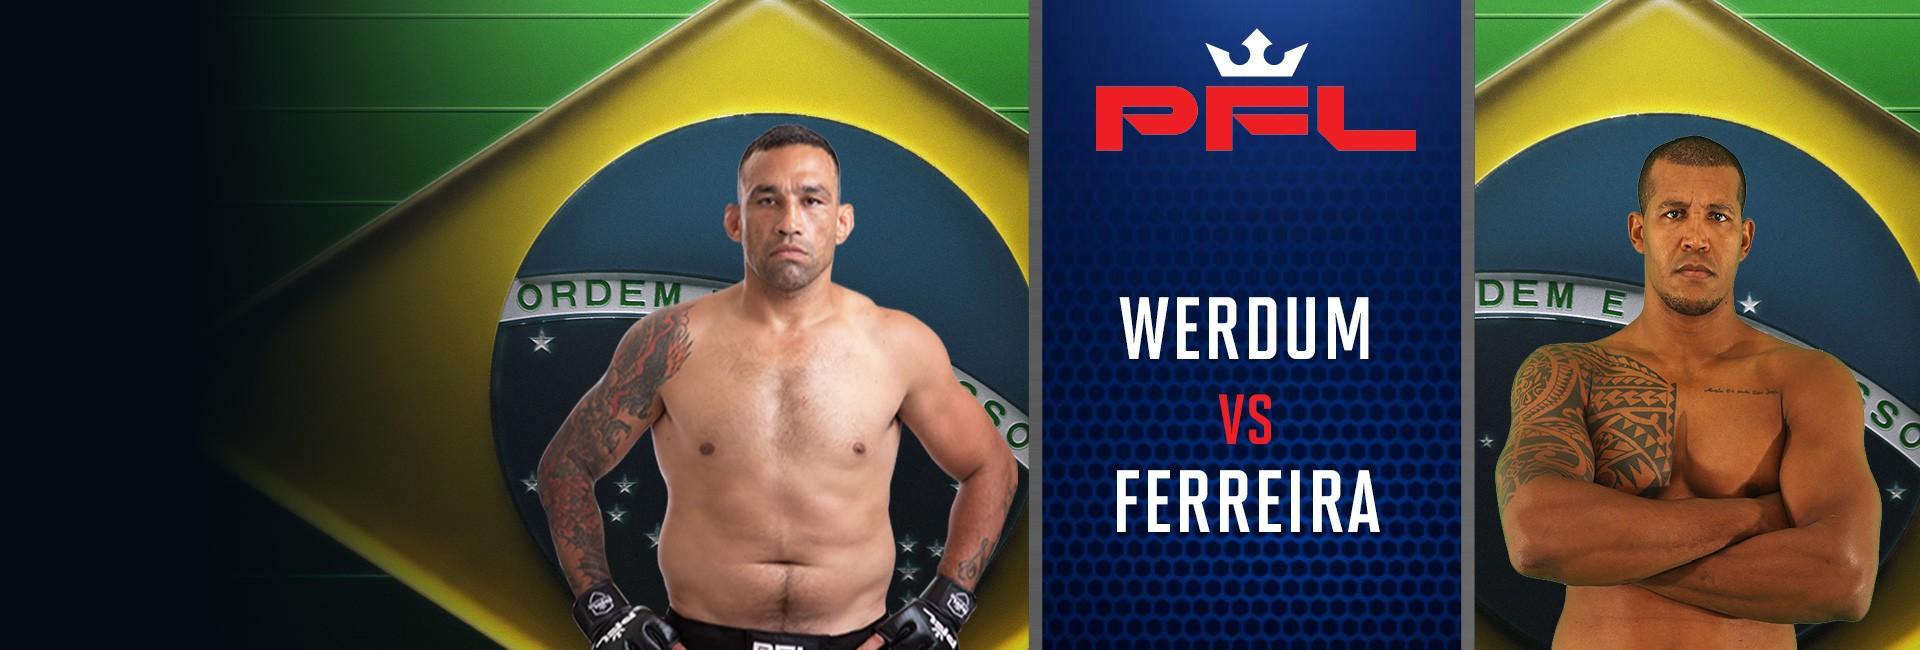 PFL MMA